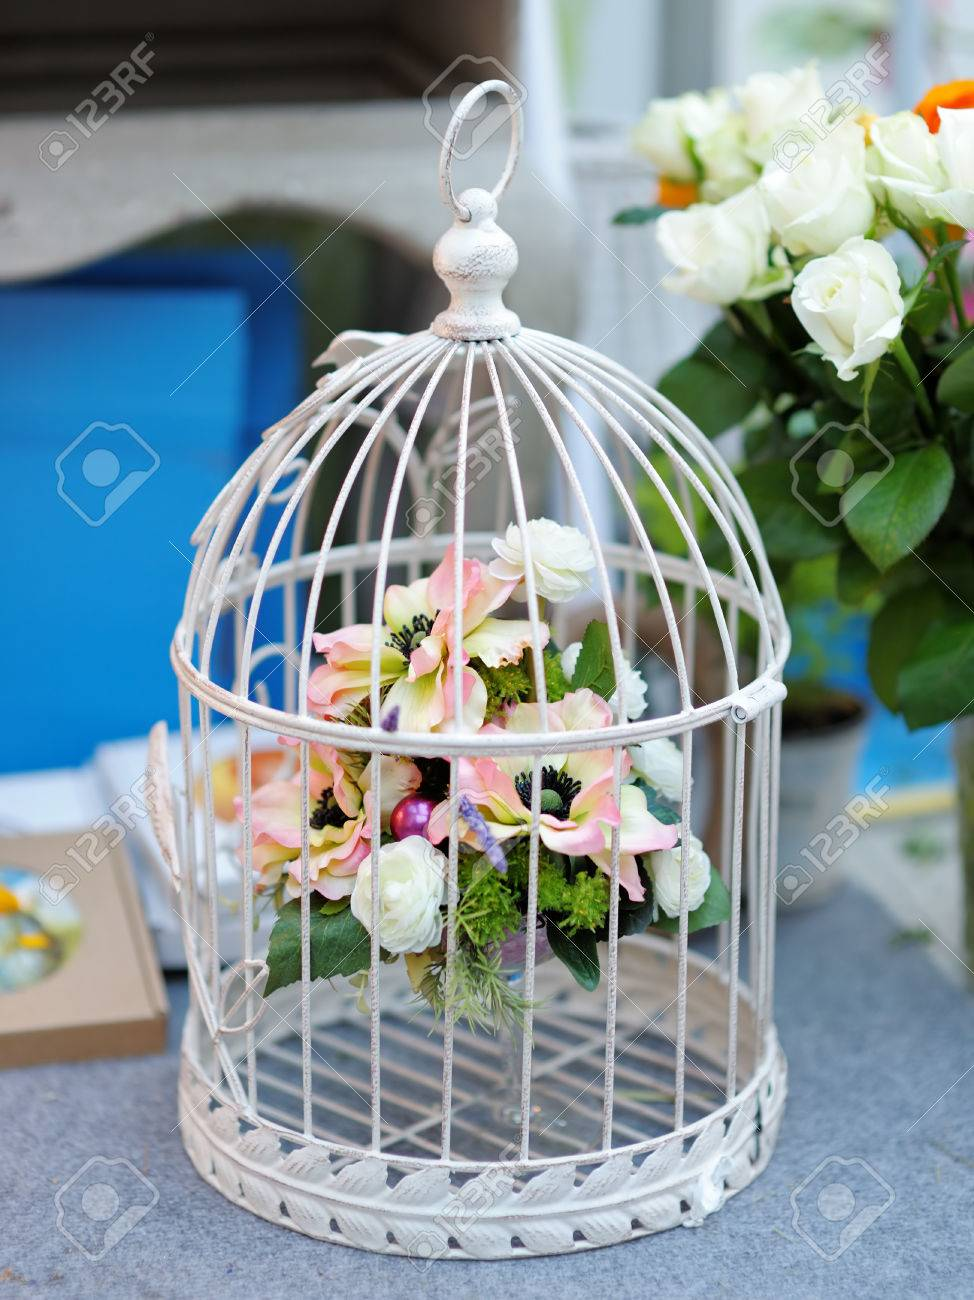 Jaula Blanca Con Flores Como Decoracin En La Boda Fotos Retratos